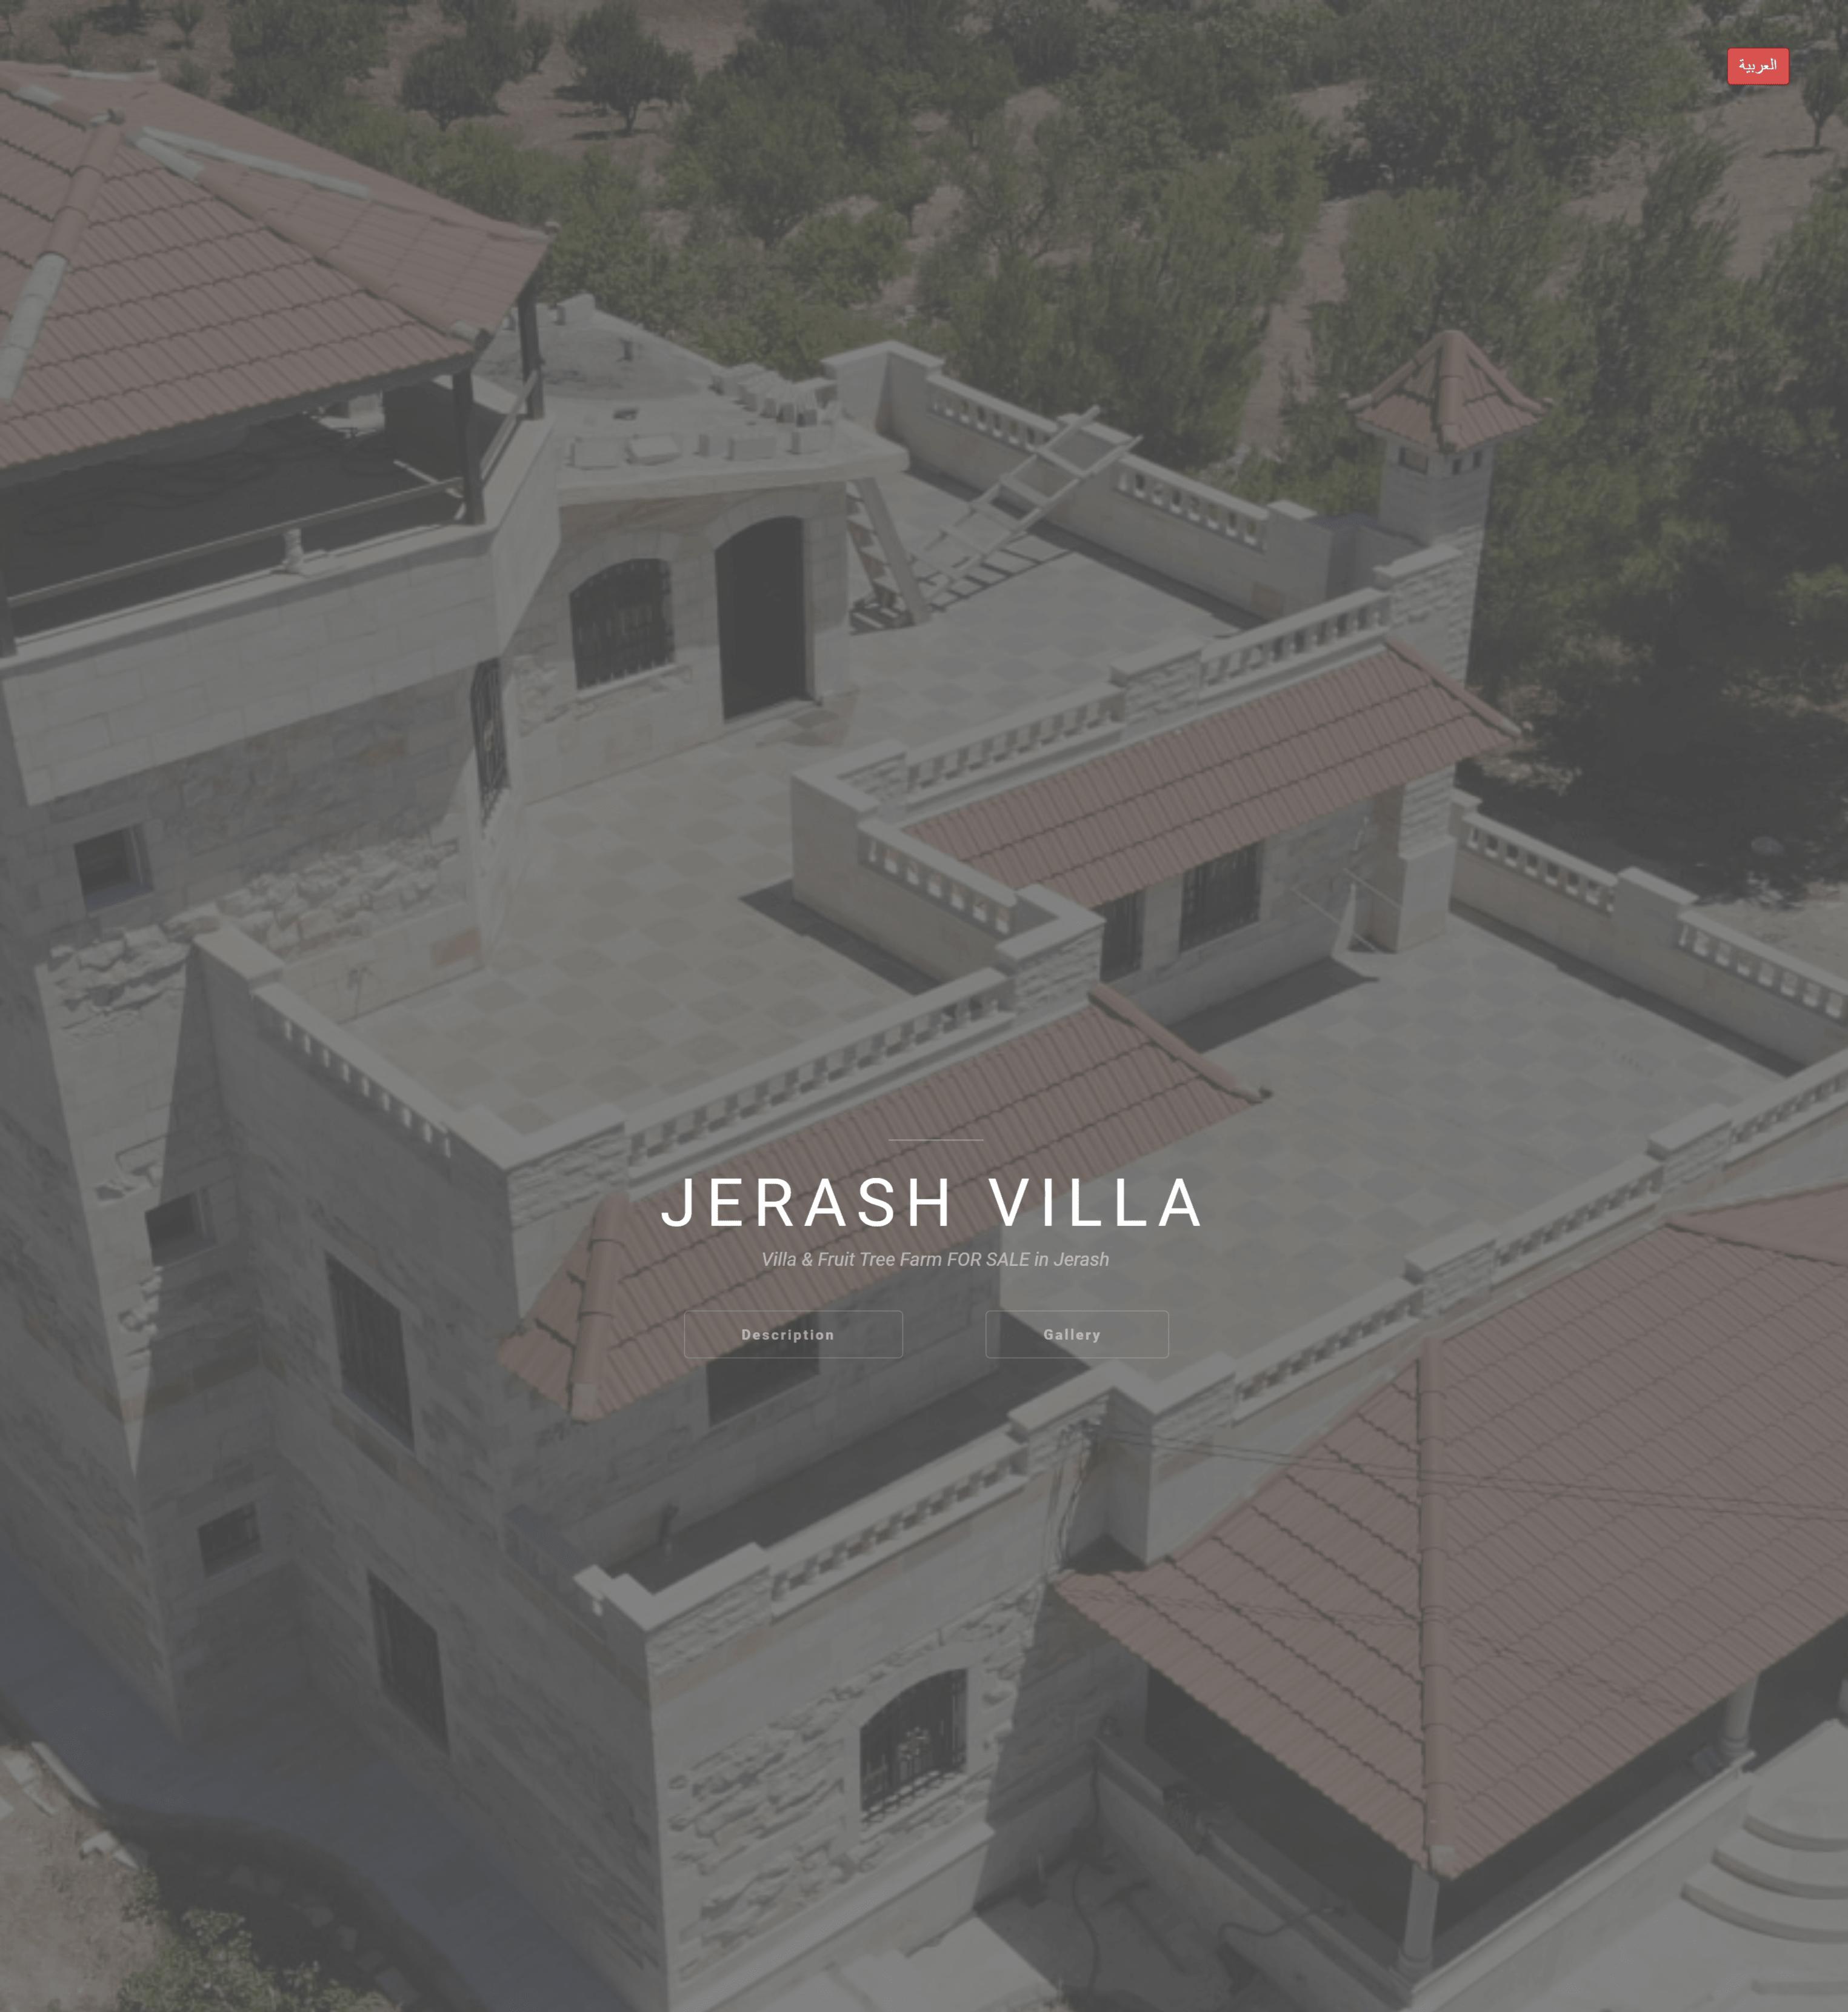 Jerash Villa